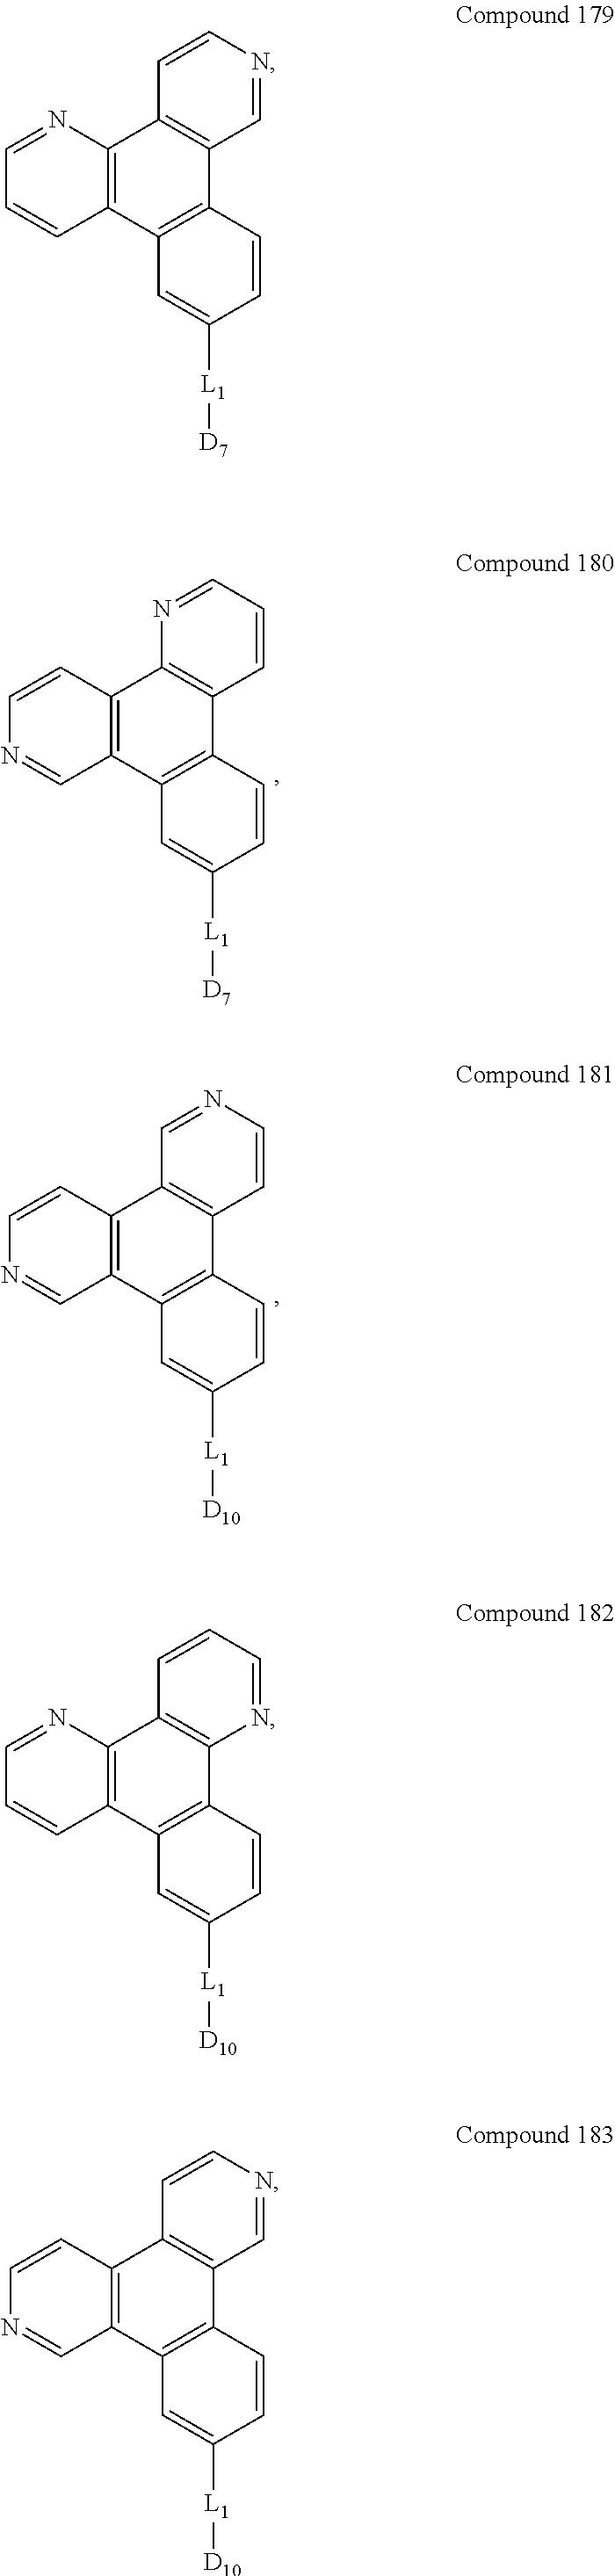 Figure US09537106-20170103-C00080